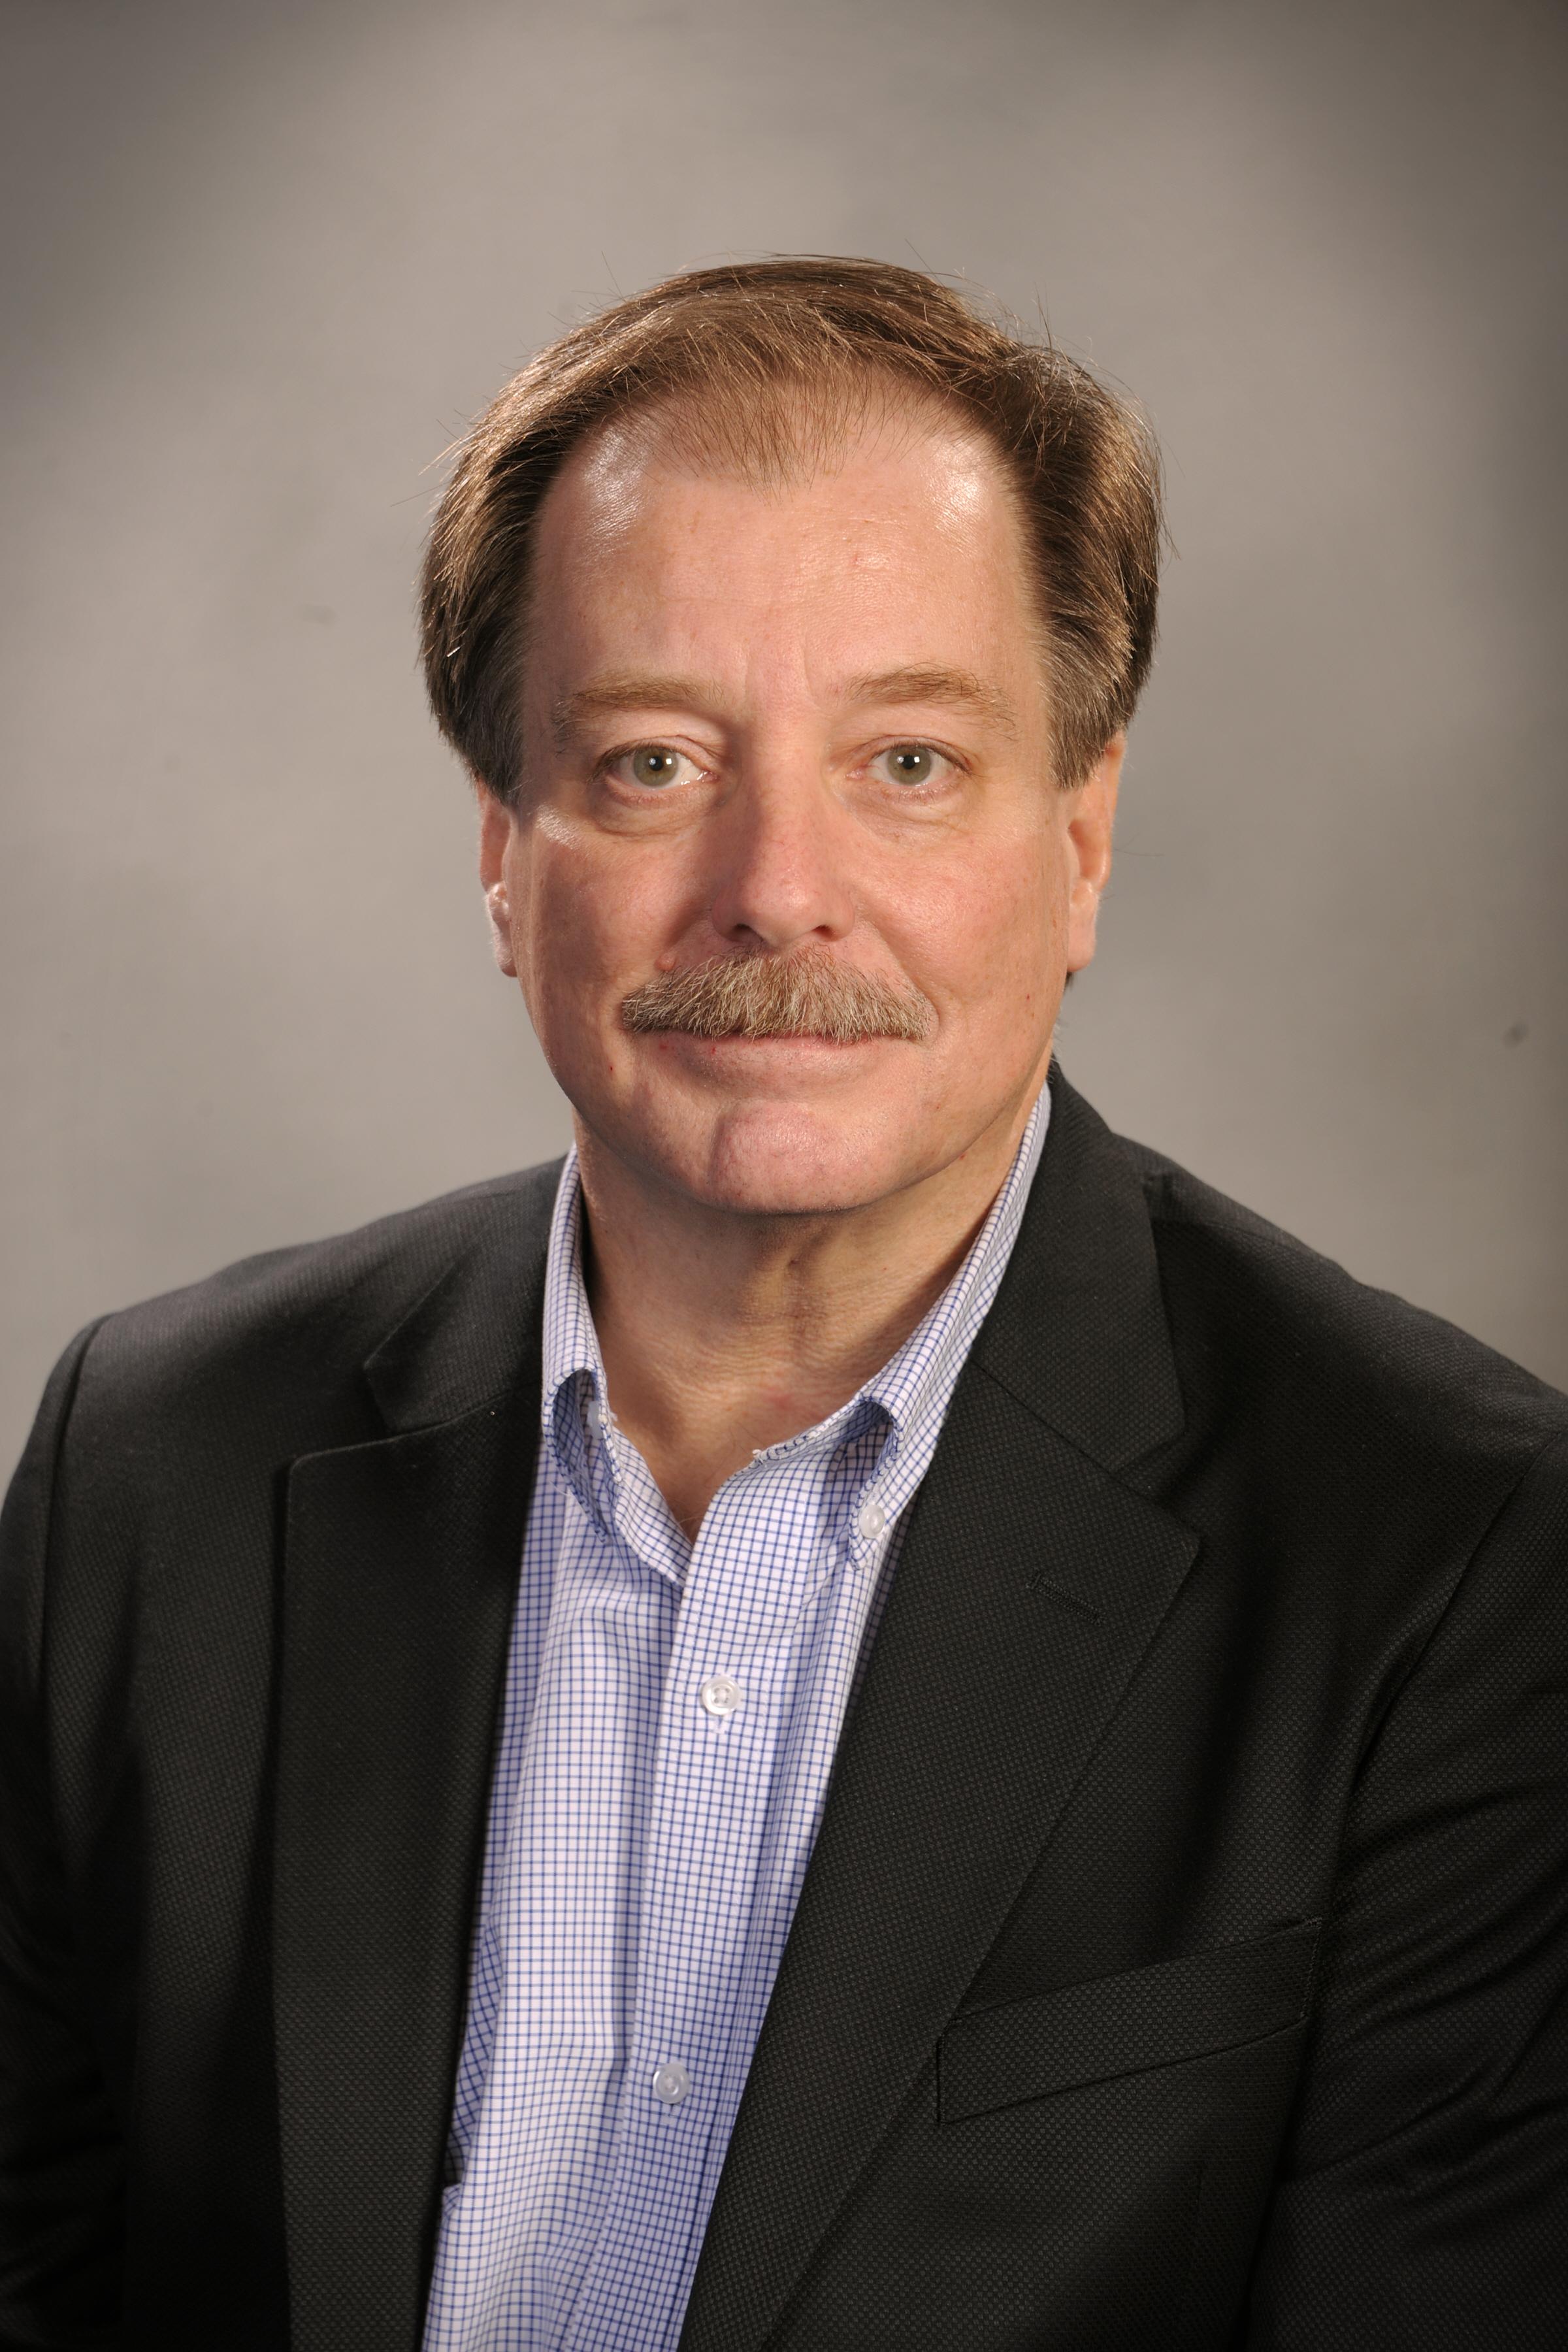 Kenneth W. Proctor